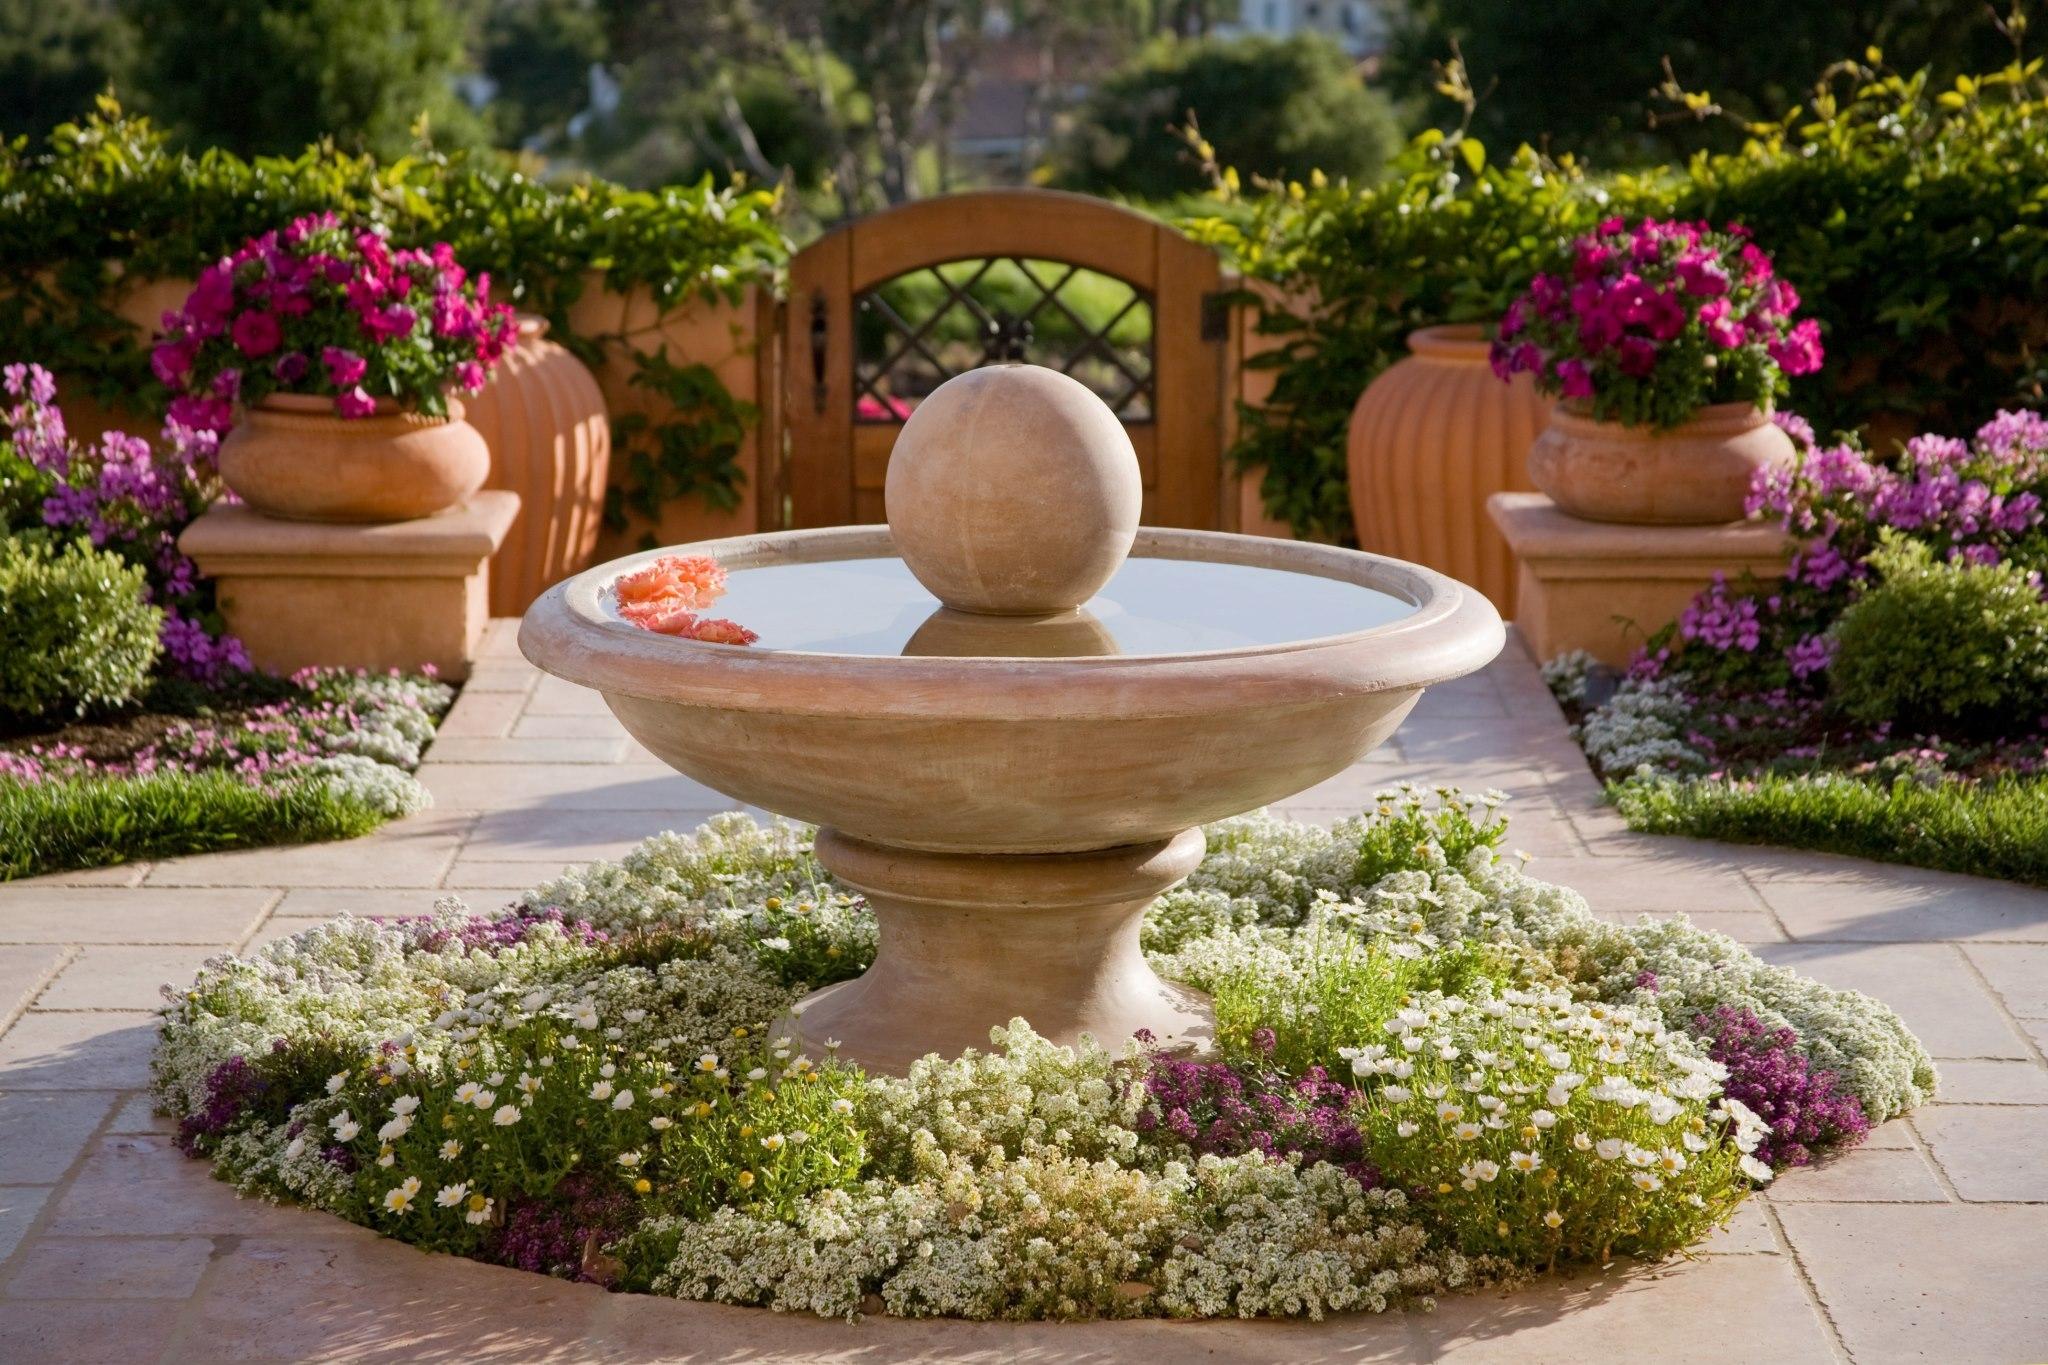 английский сад фото скульптуры в патио название конечно придумано